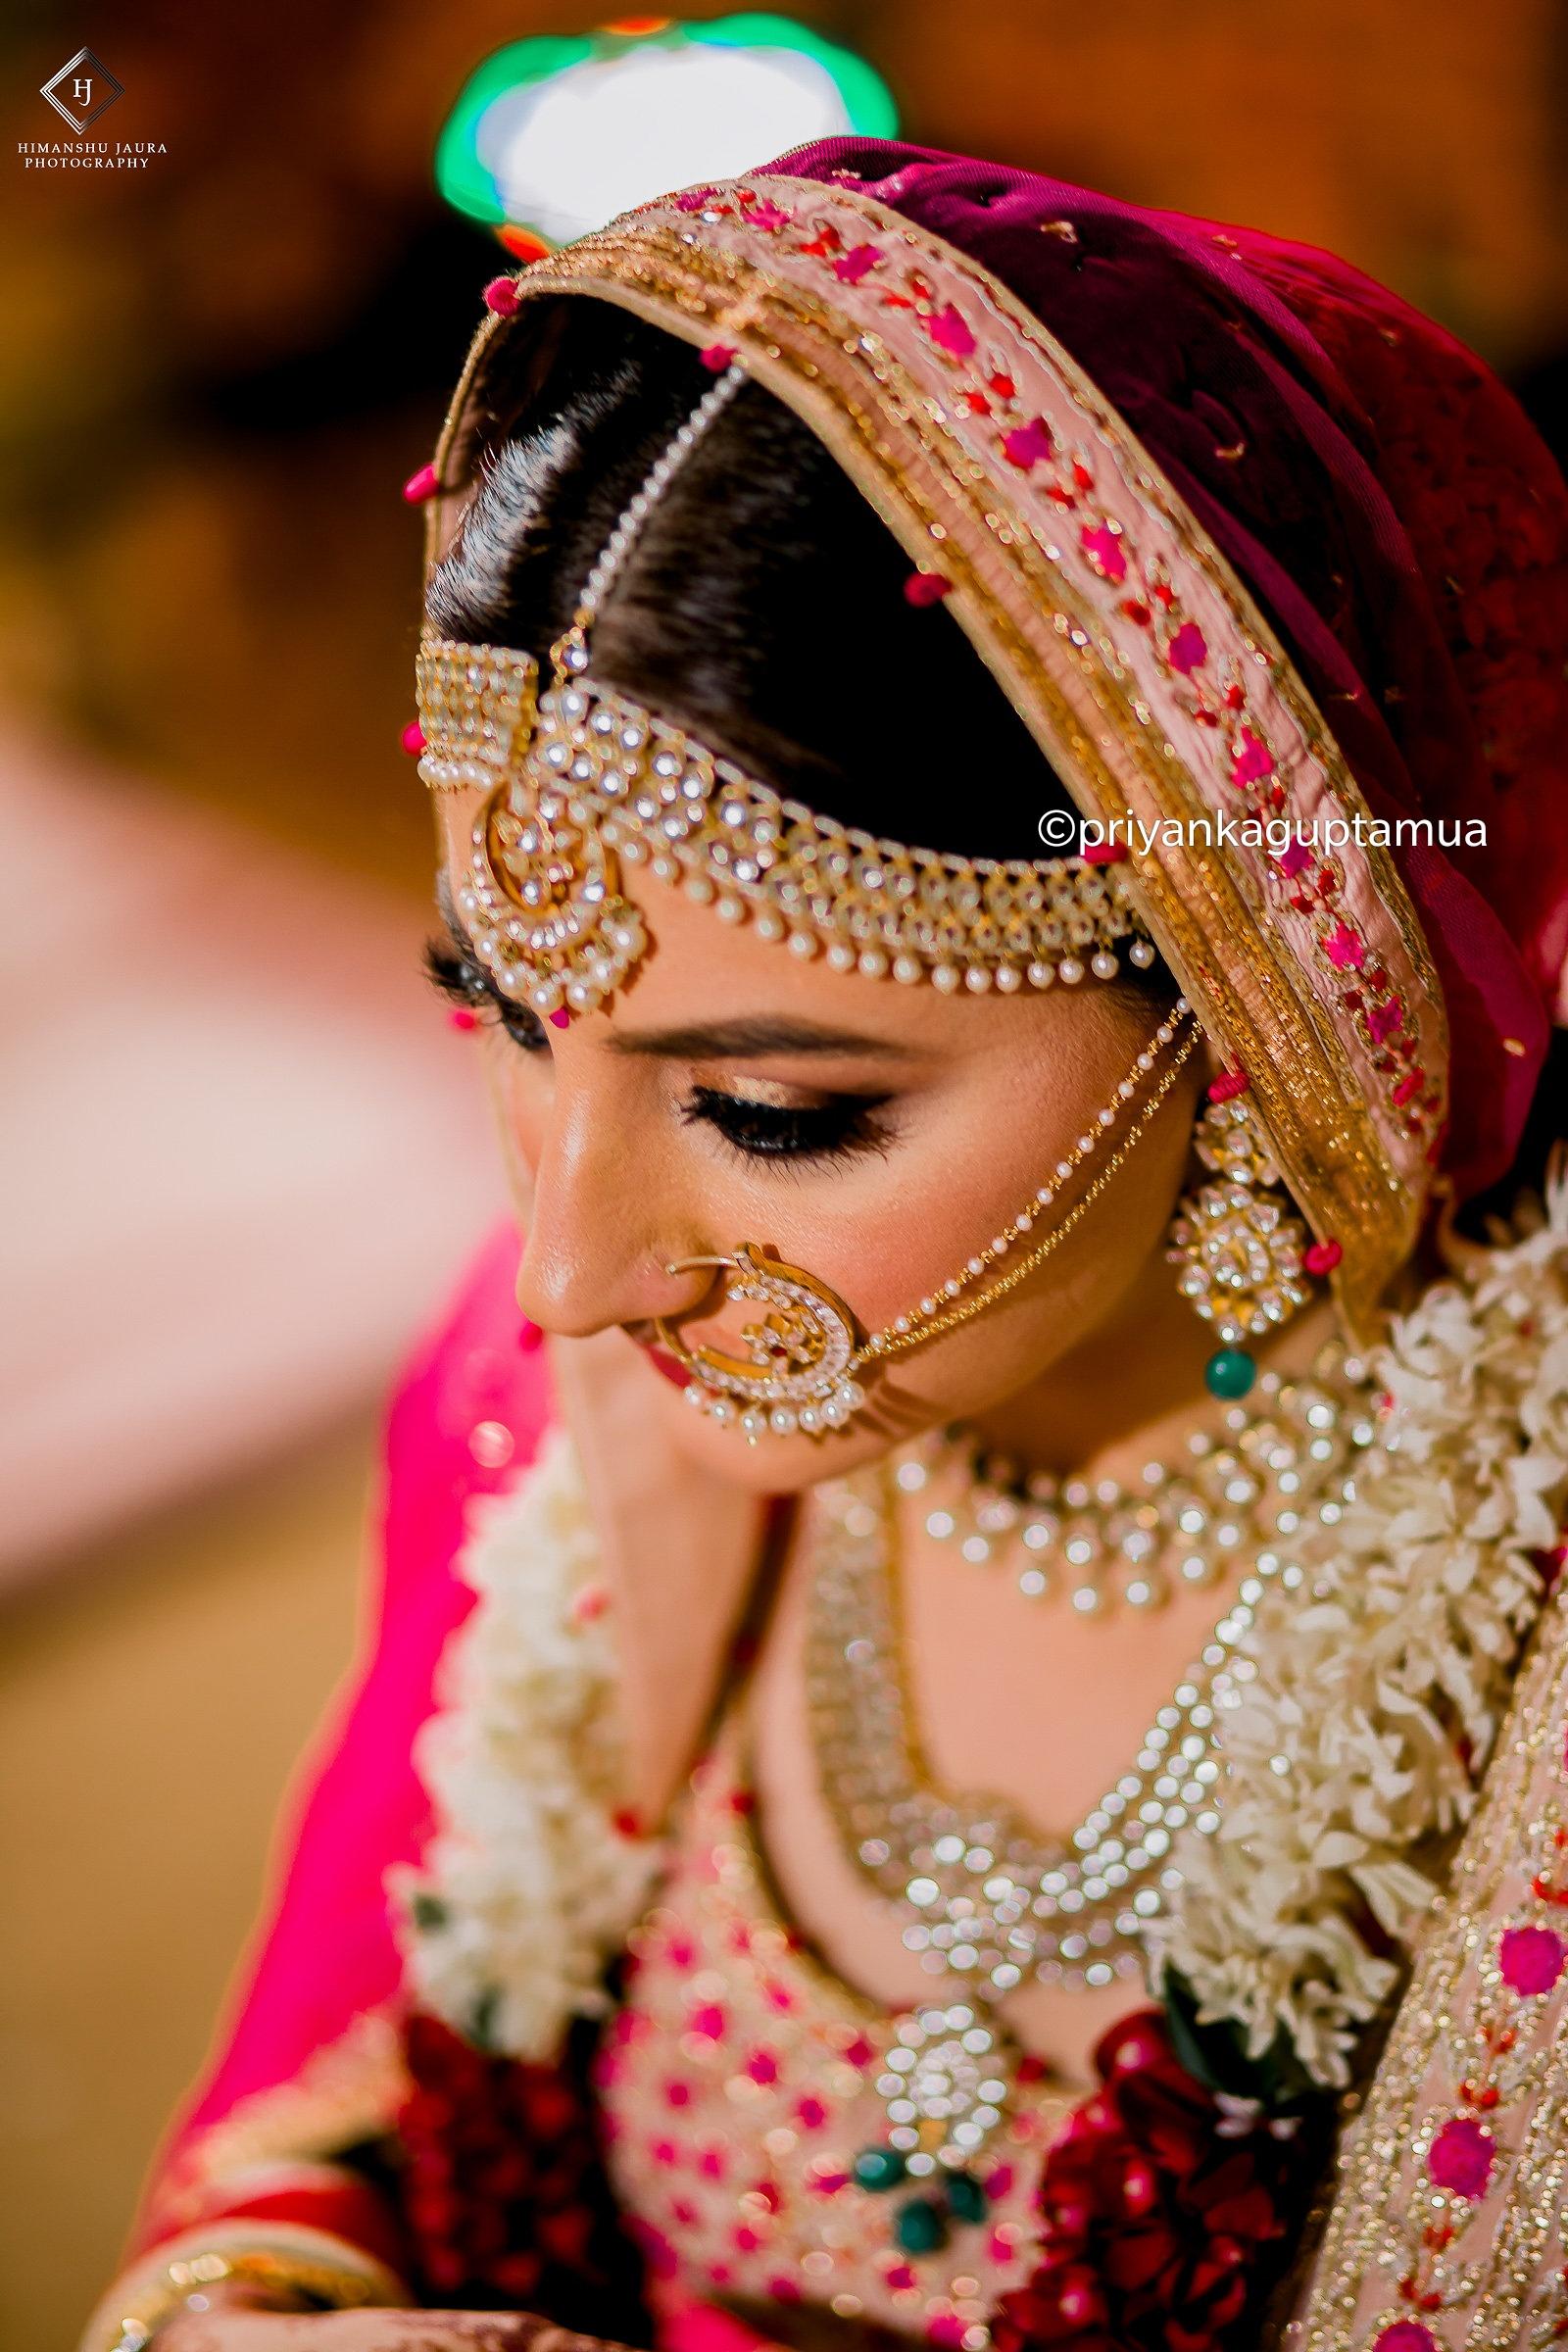 priyanka-gupta-makeup-artist-kanpur